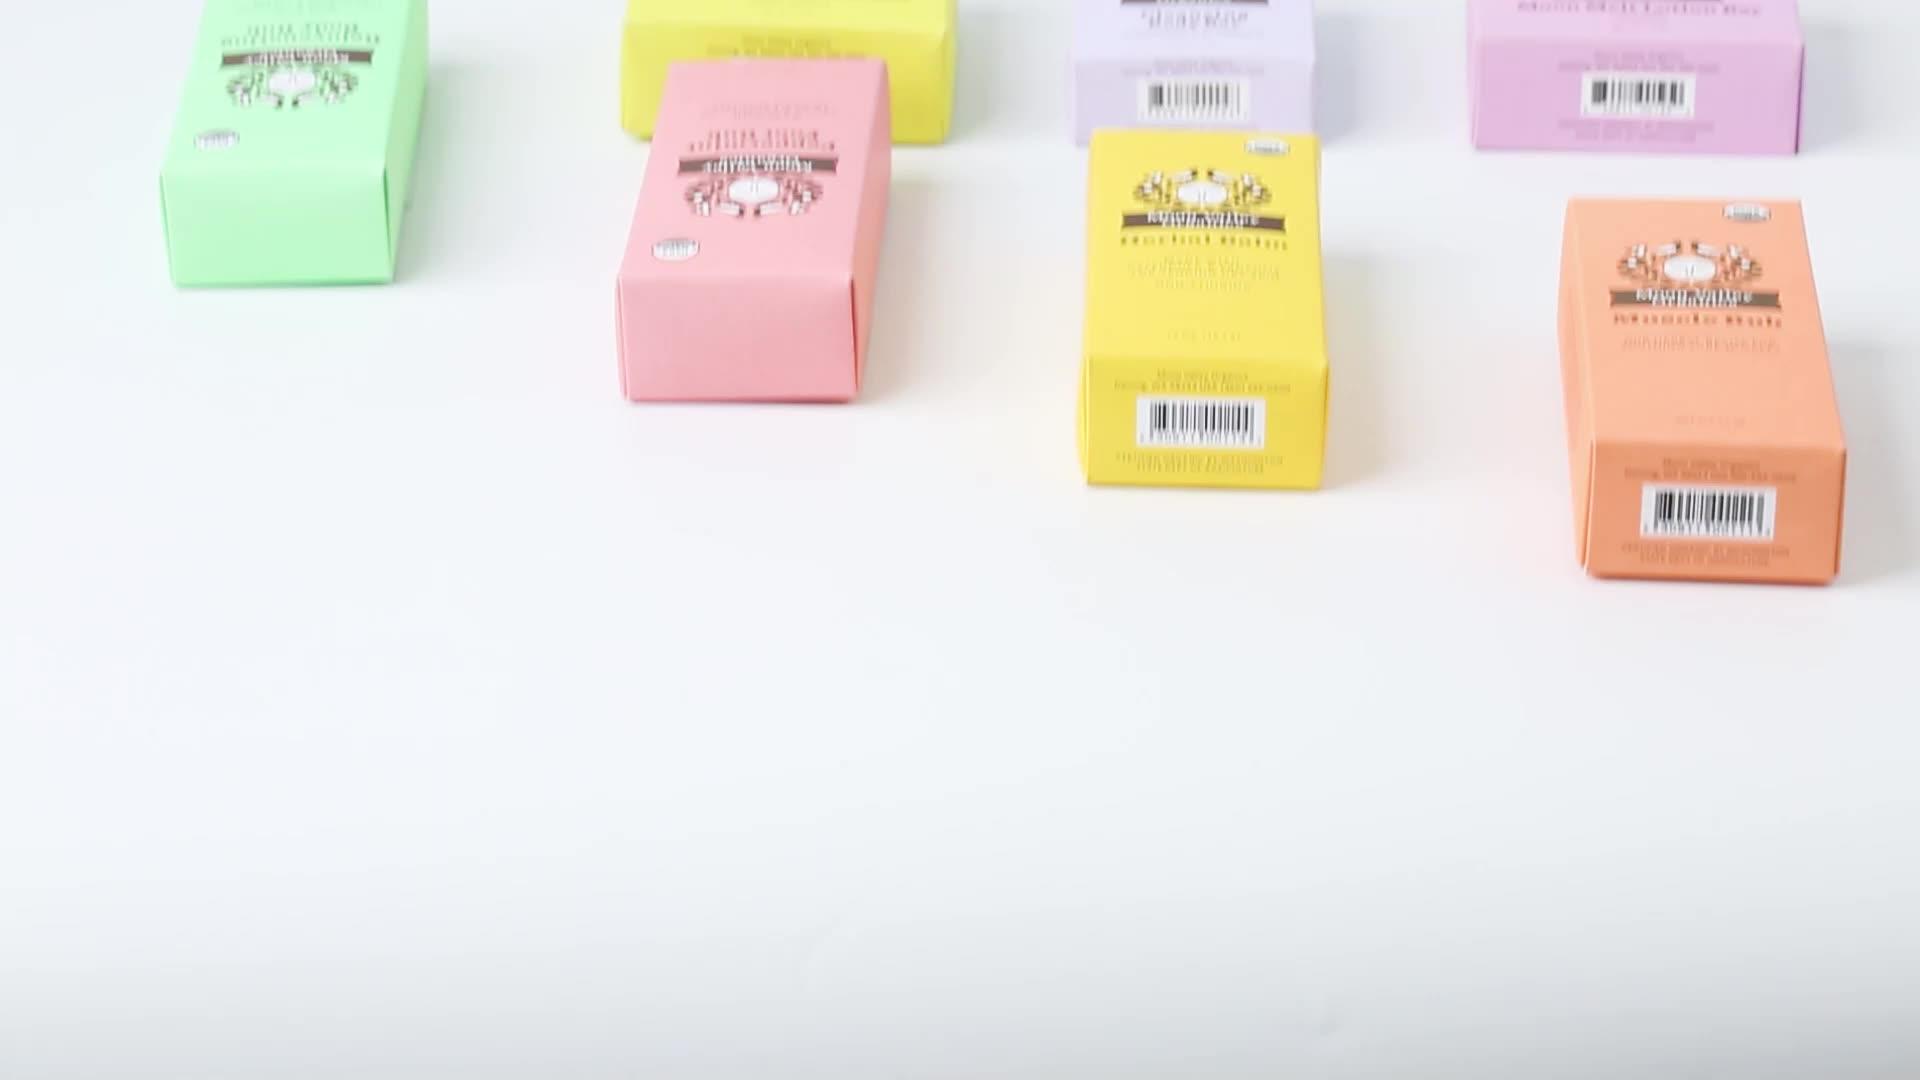 Печатная бумажная упаковочная коробка для крема, бумажные упаковочные коробки для косметики с золотым тиснением фольги 2 унции 60 мл 30 мл бумажная коробка для еды